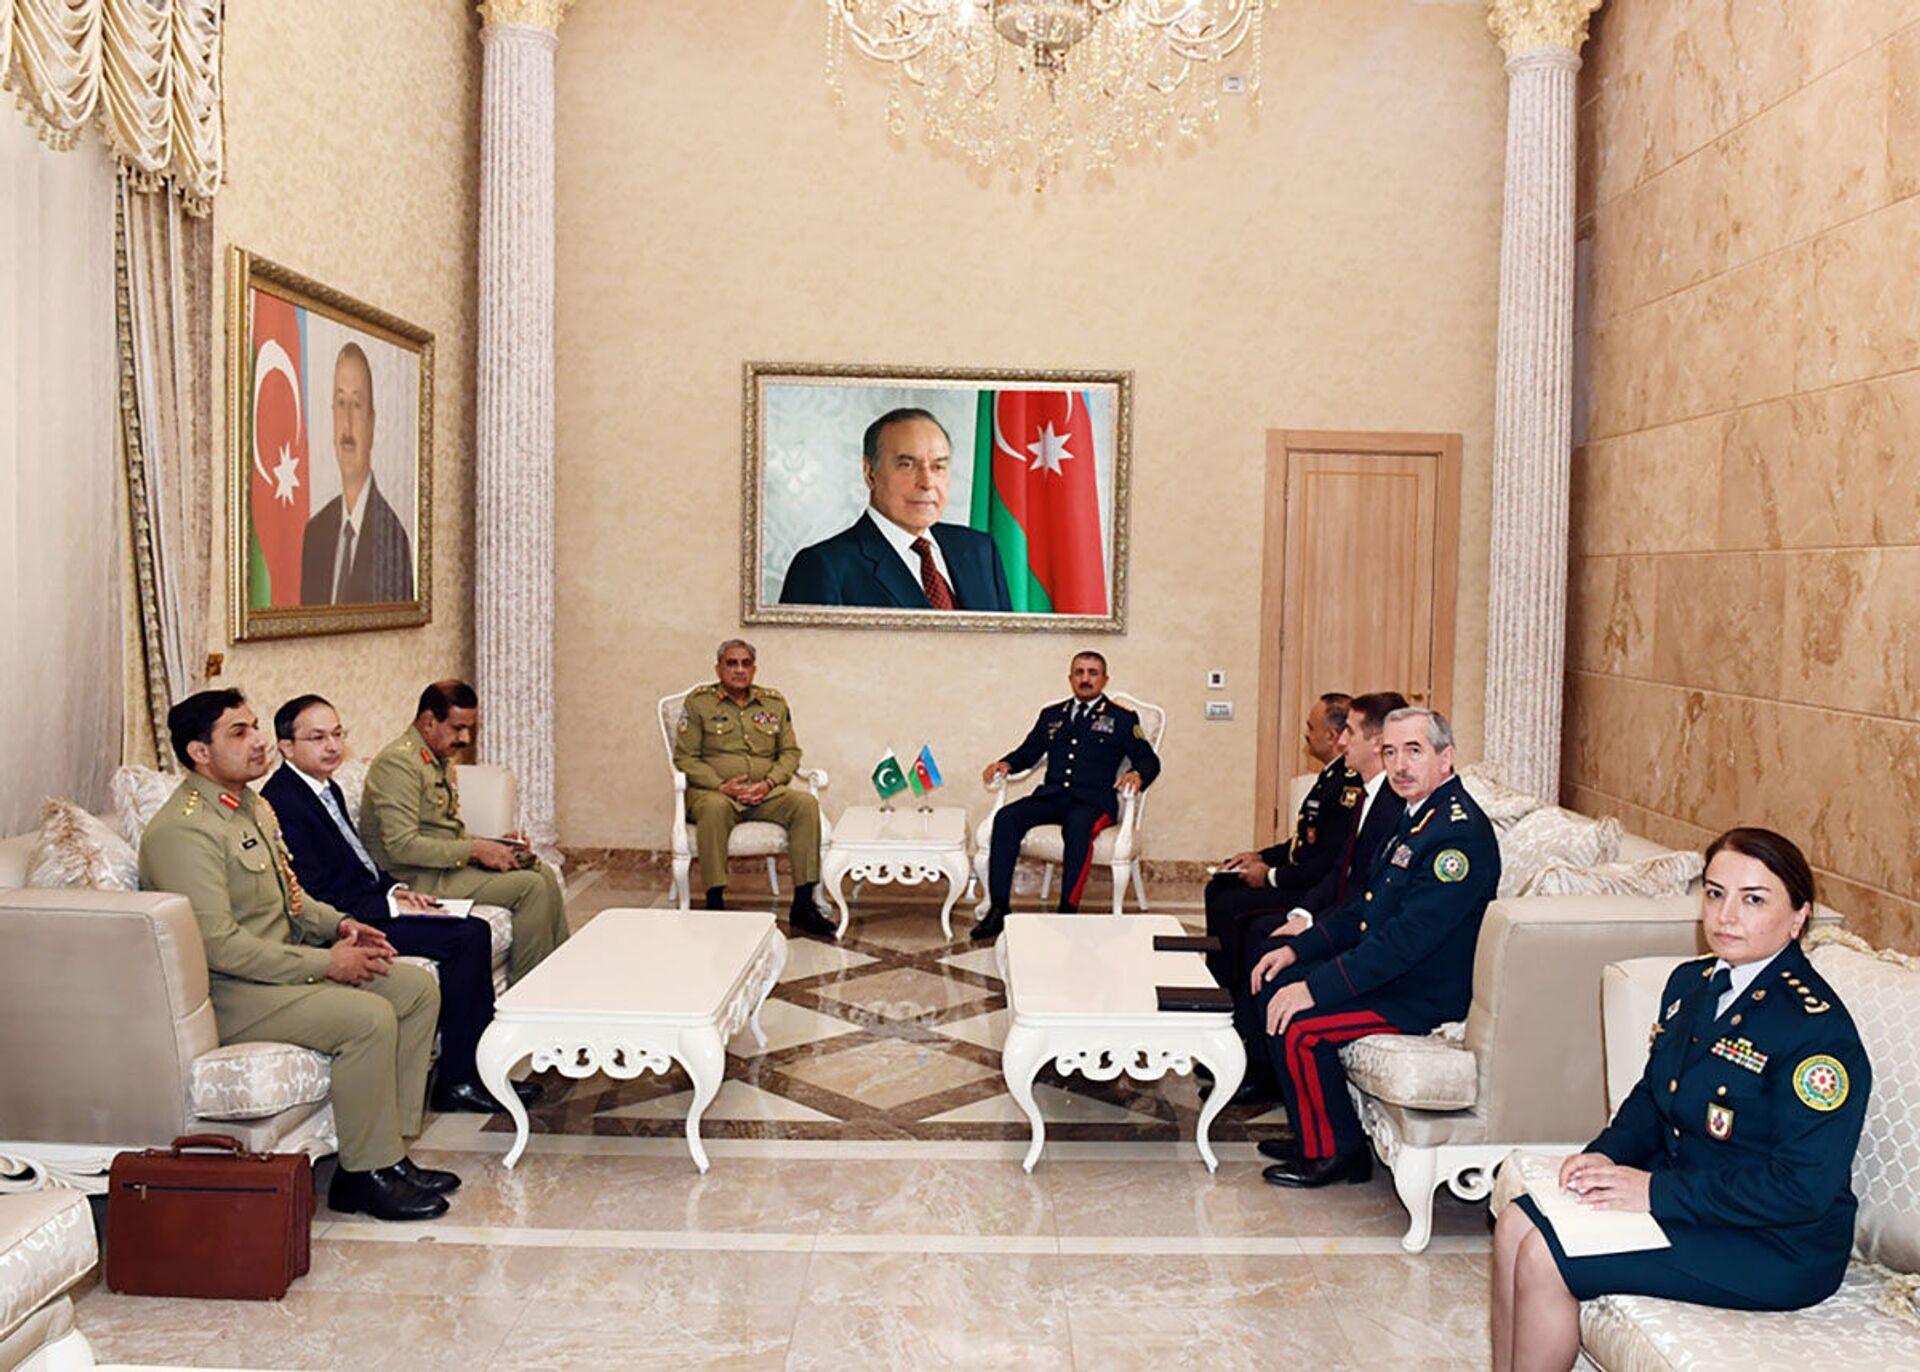 Ordu generalı: Pakistan minaların təmizlənməsində təcrübəsini bölüşməyə hazırdır - Sputnik Azərbaycan, 1920, 22.06.2021